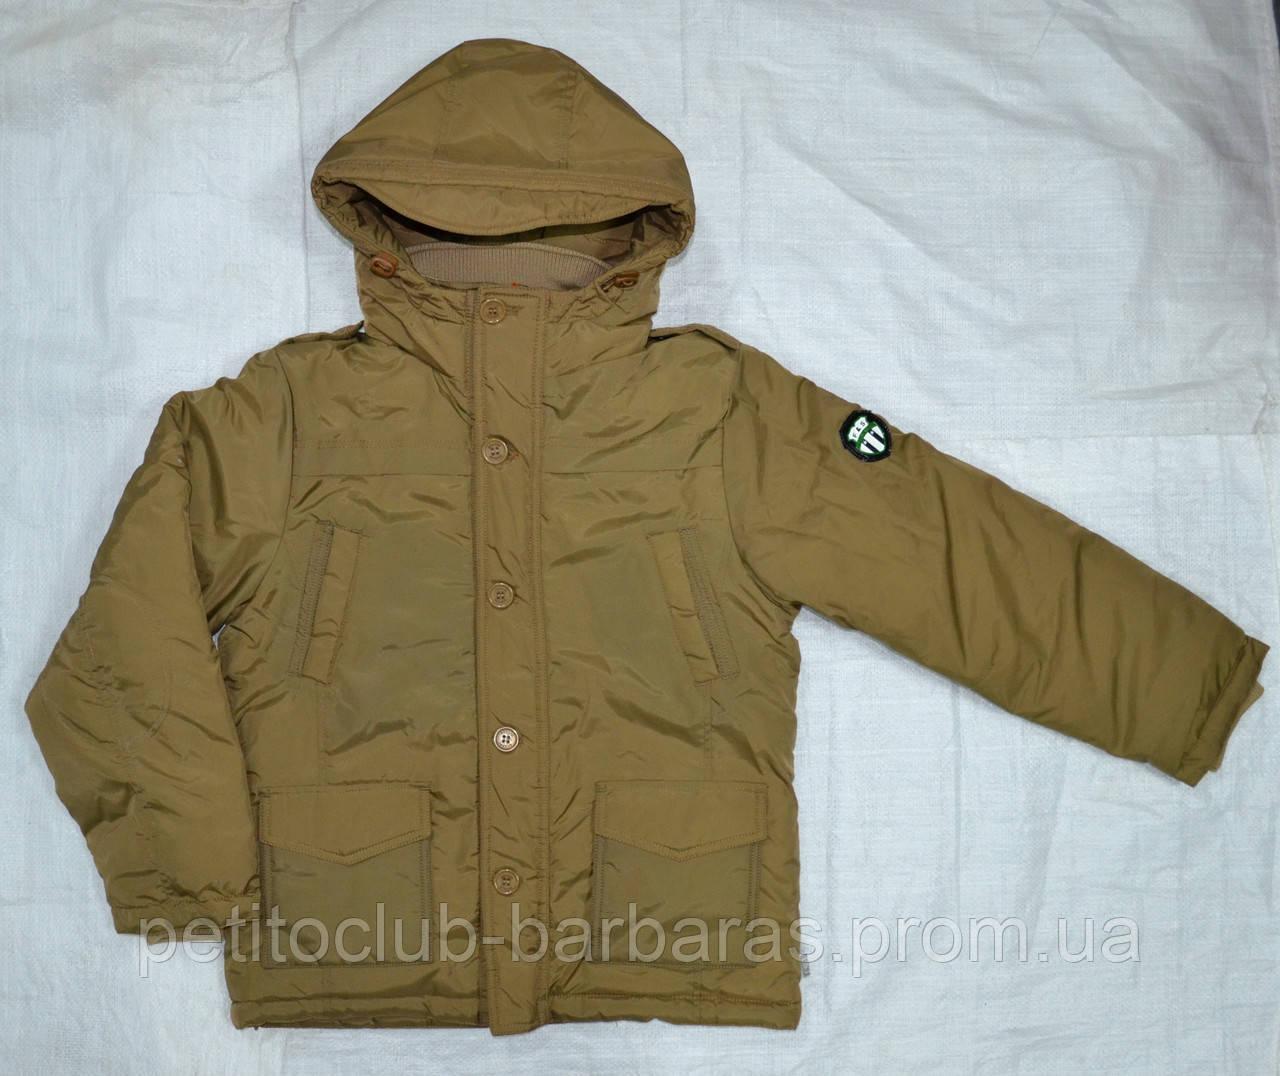 Куртка зимняя для мальчика Mariuzs бежевая (QuadriFoglio, Польша)